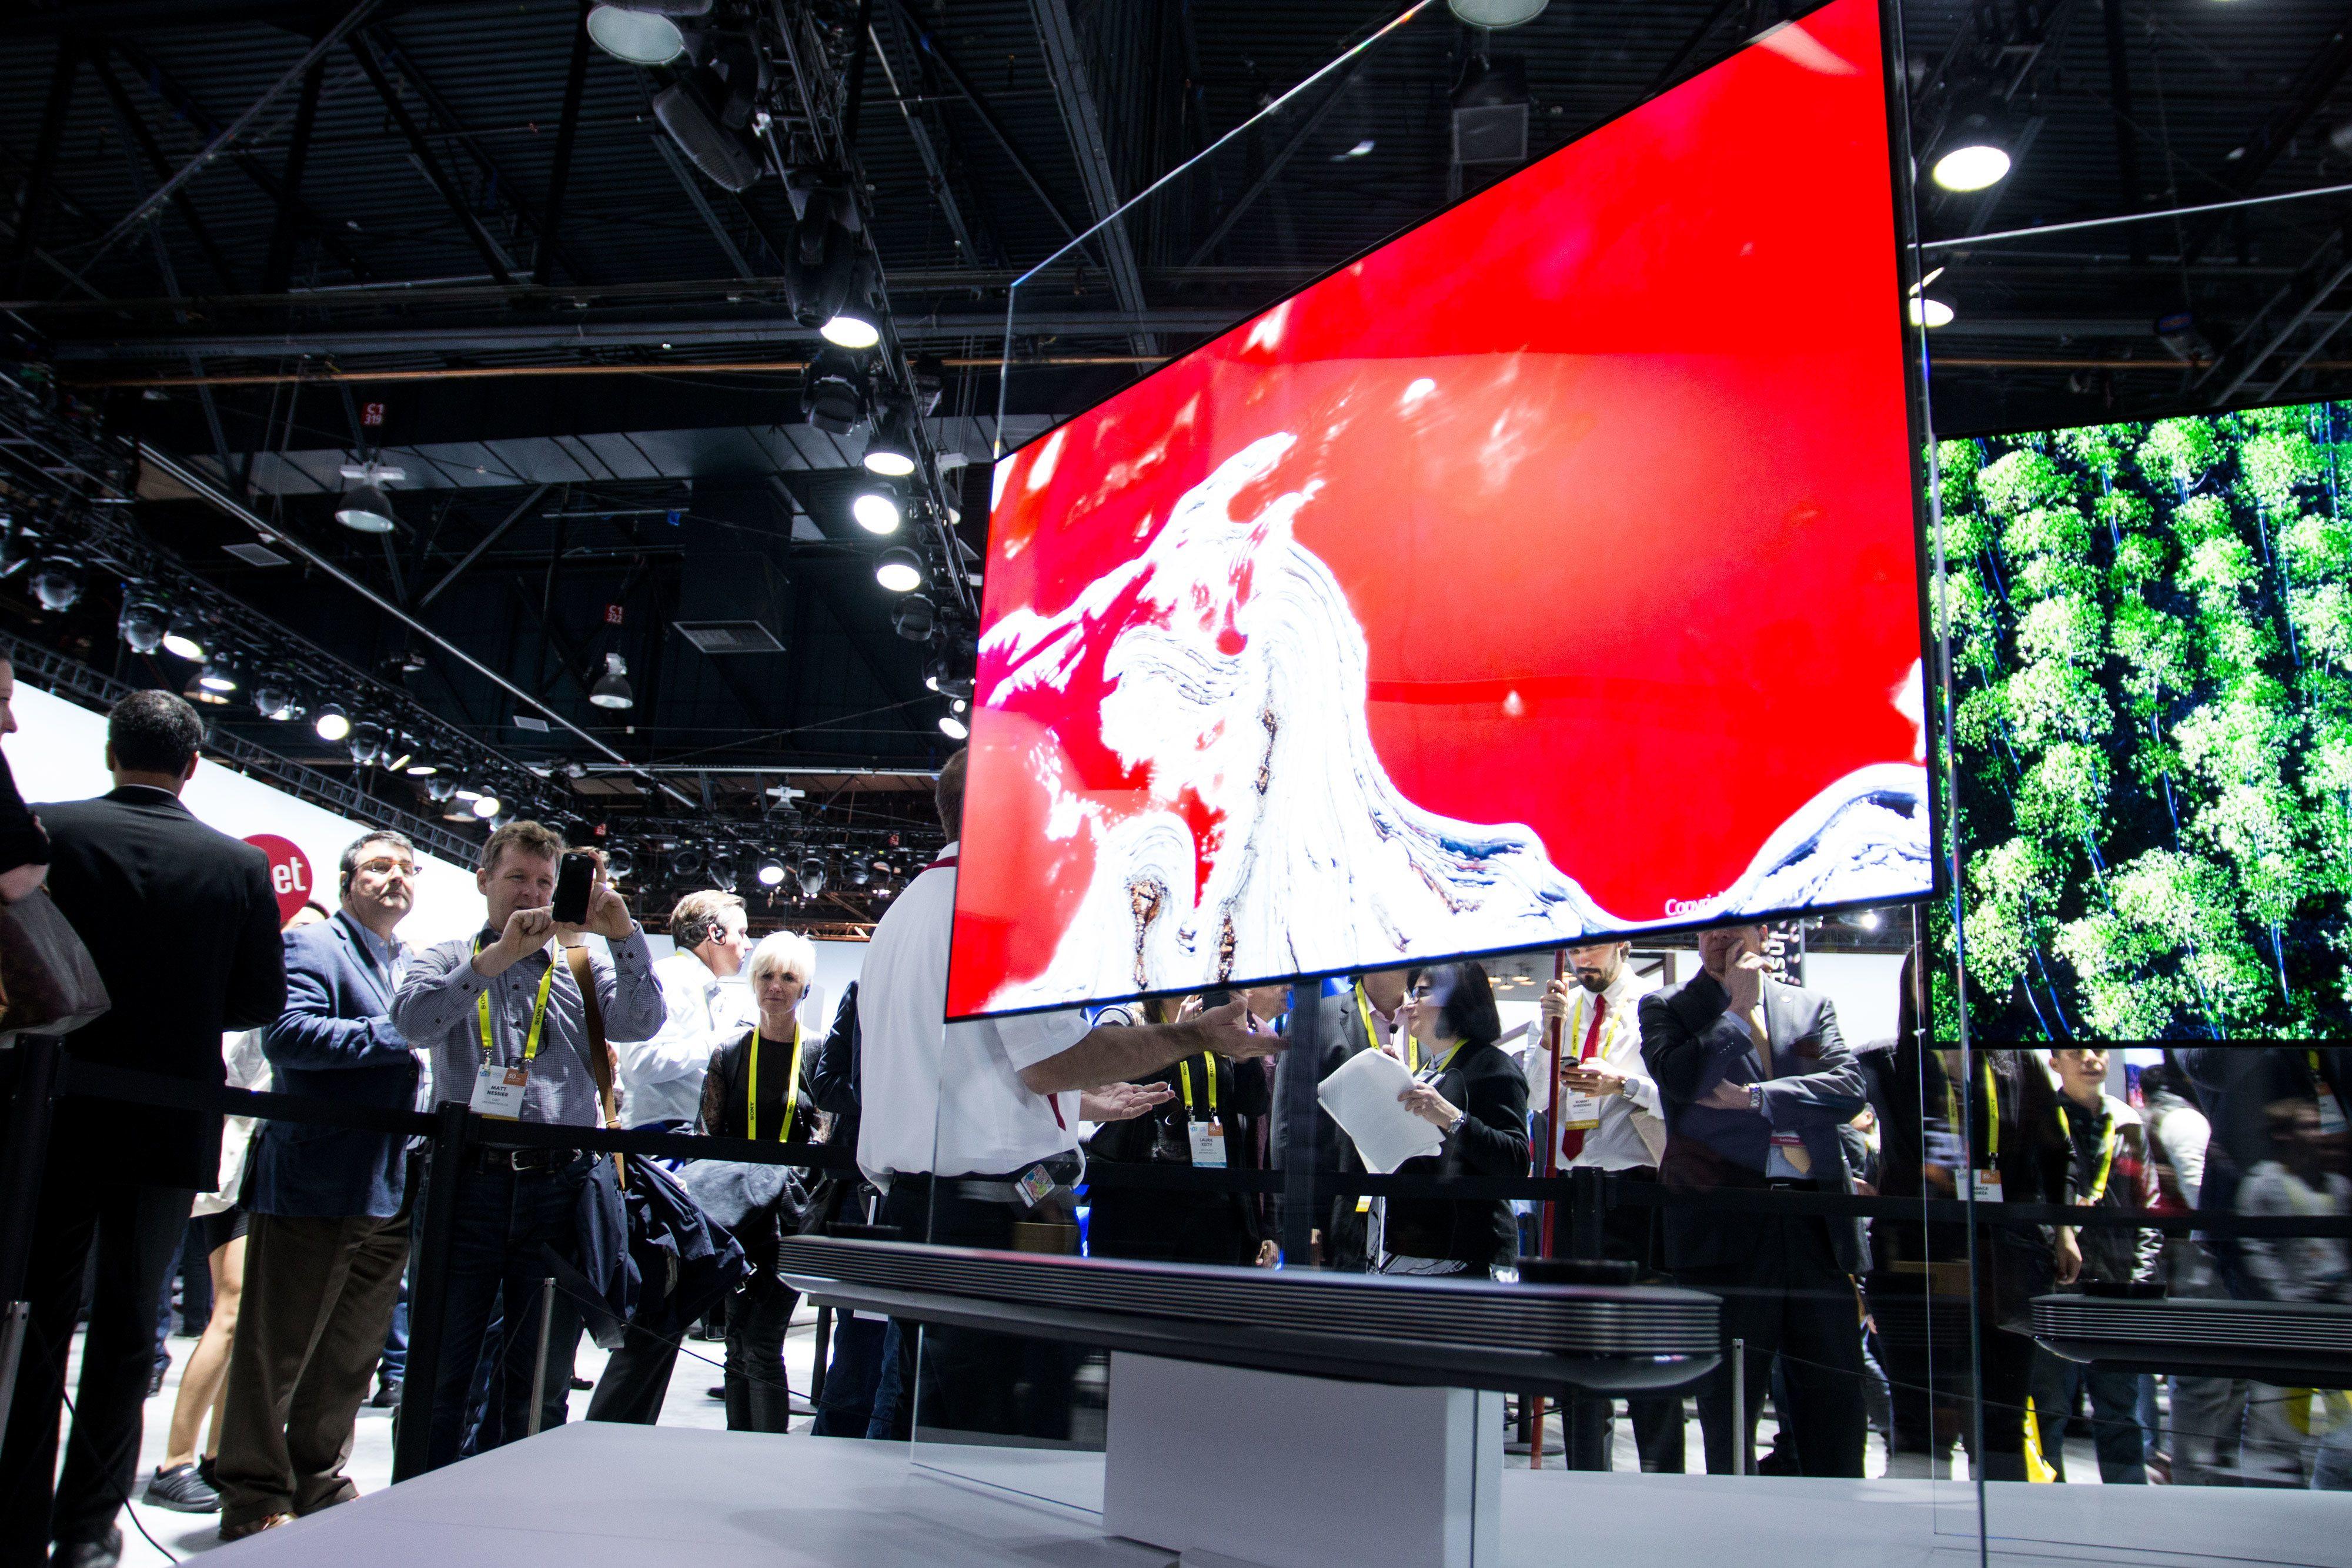 Du kommer til å se mye til OLED-TVer i 2017.